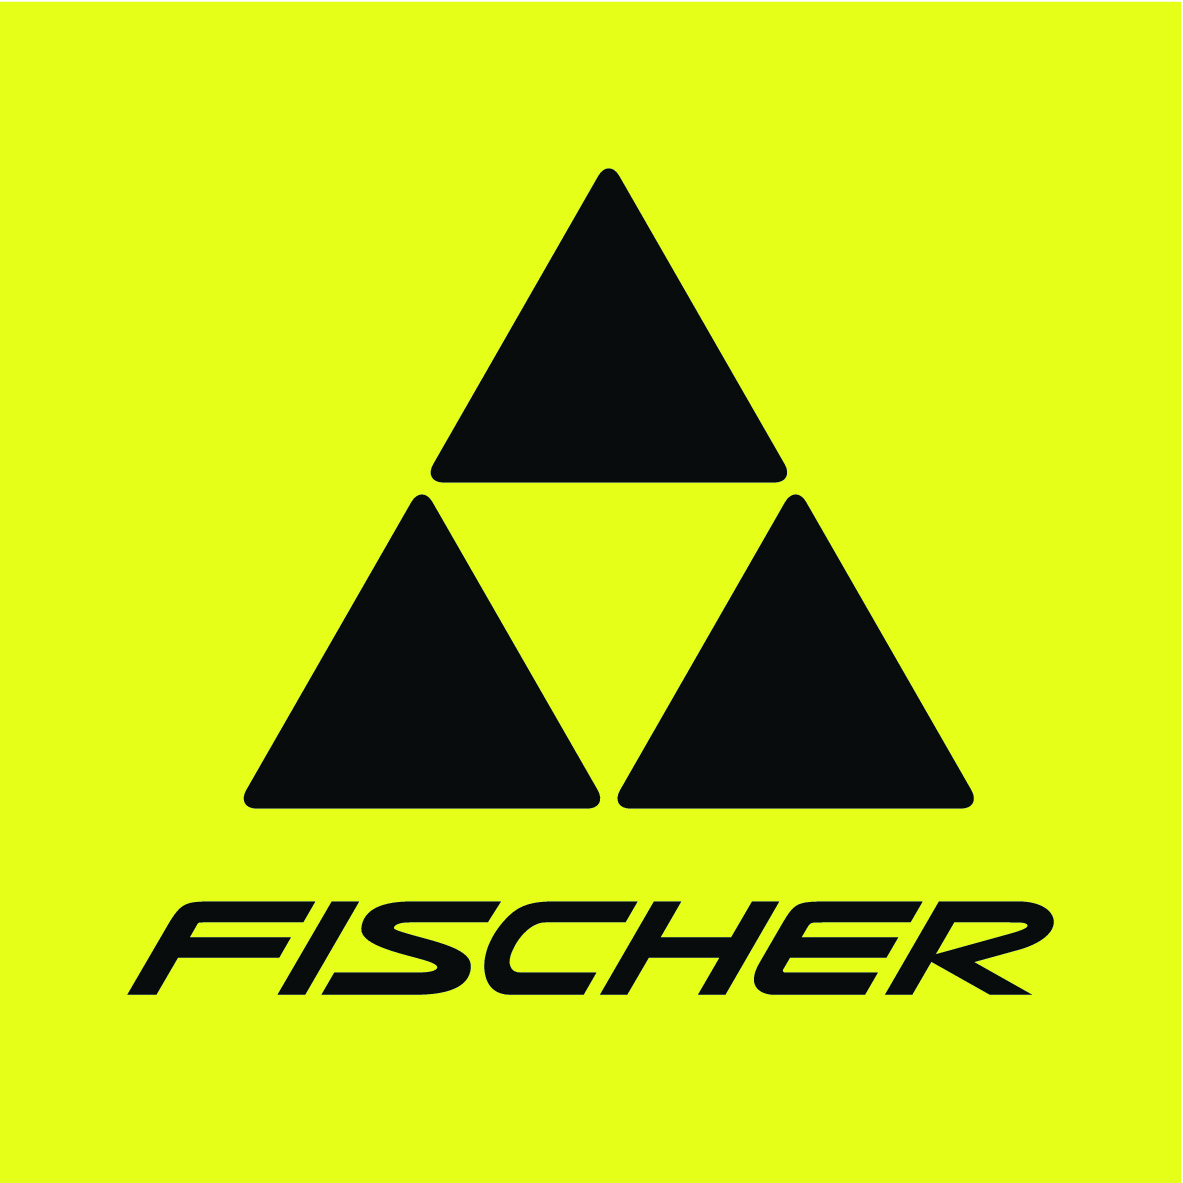 fischer_klein